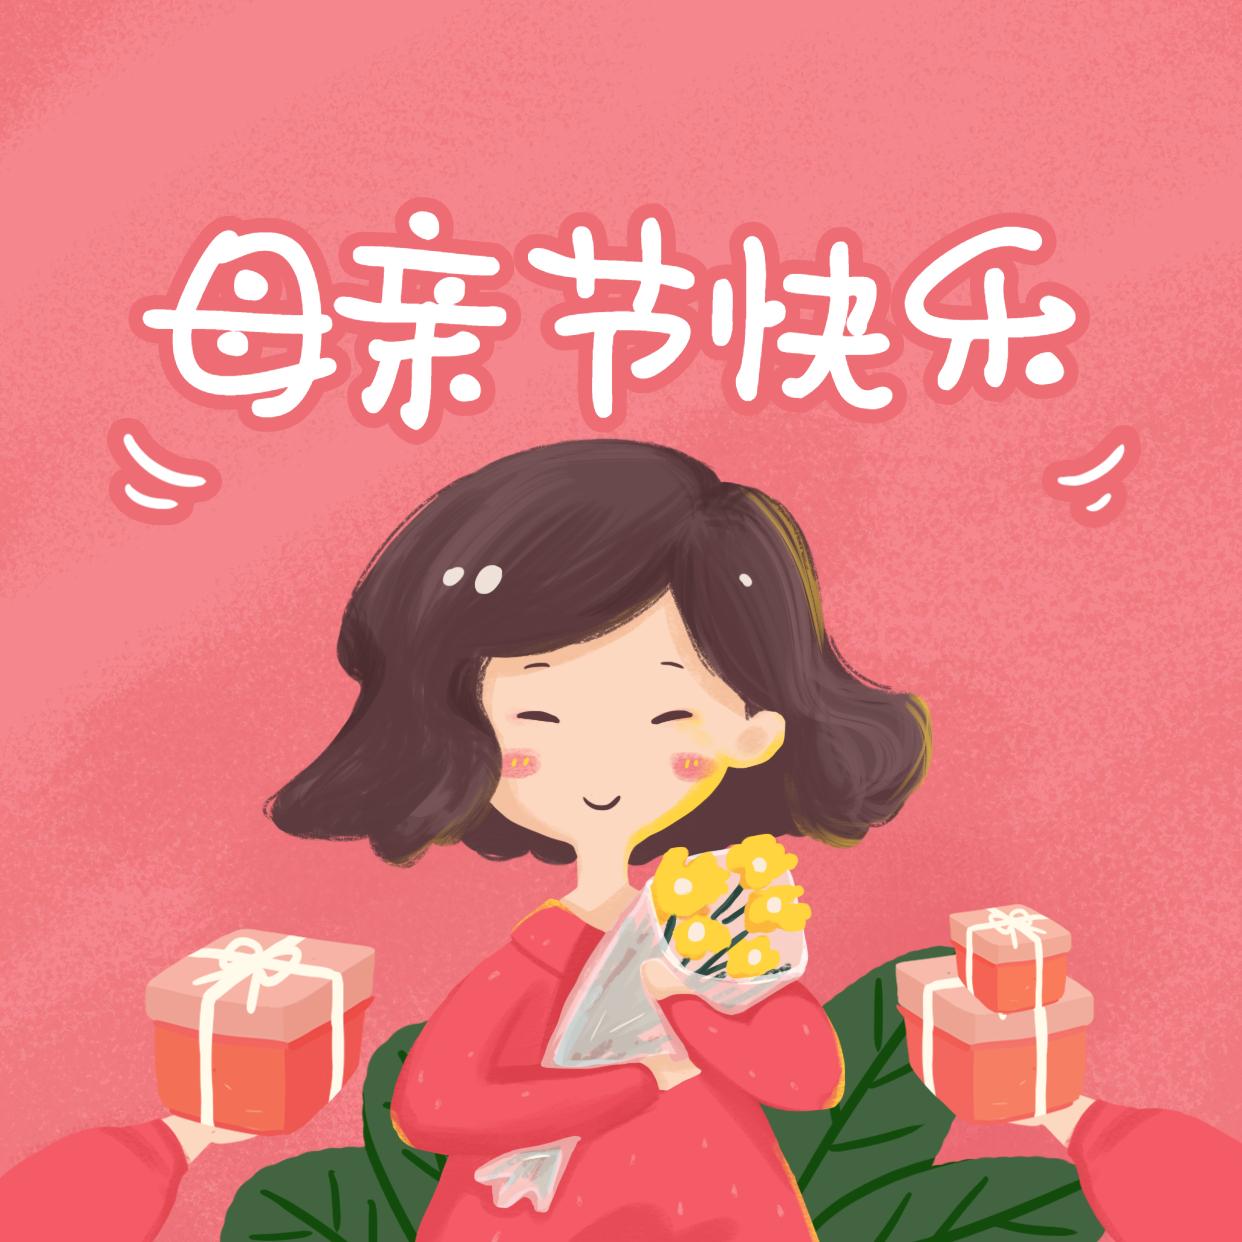 母亲节快乐朋友圈封面